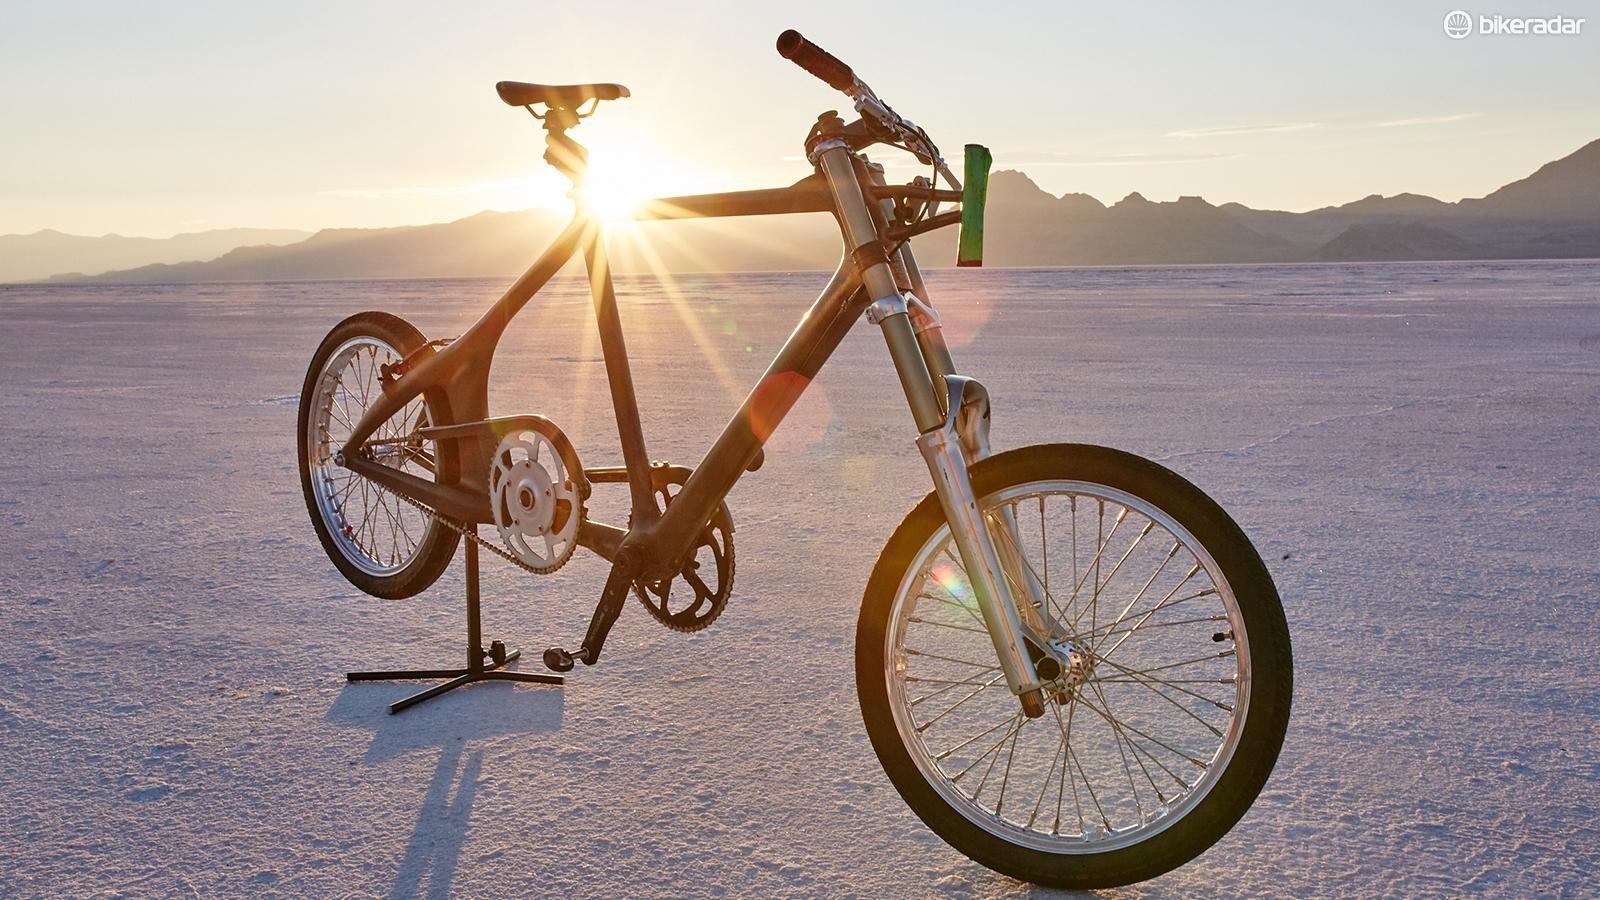 Mueller-Koronek's custom KHS bicycle